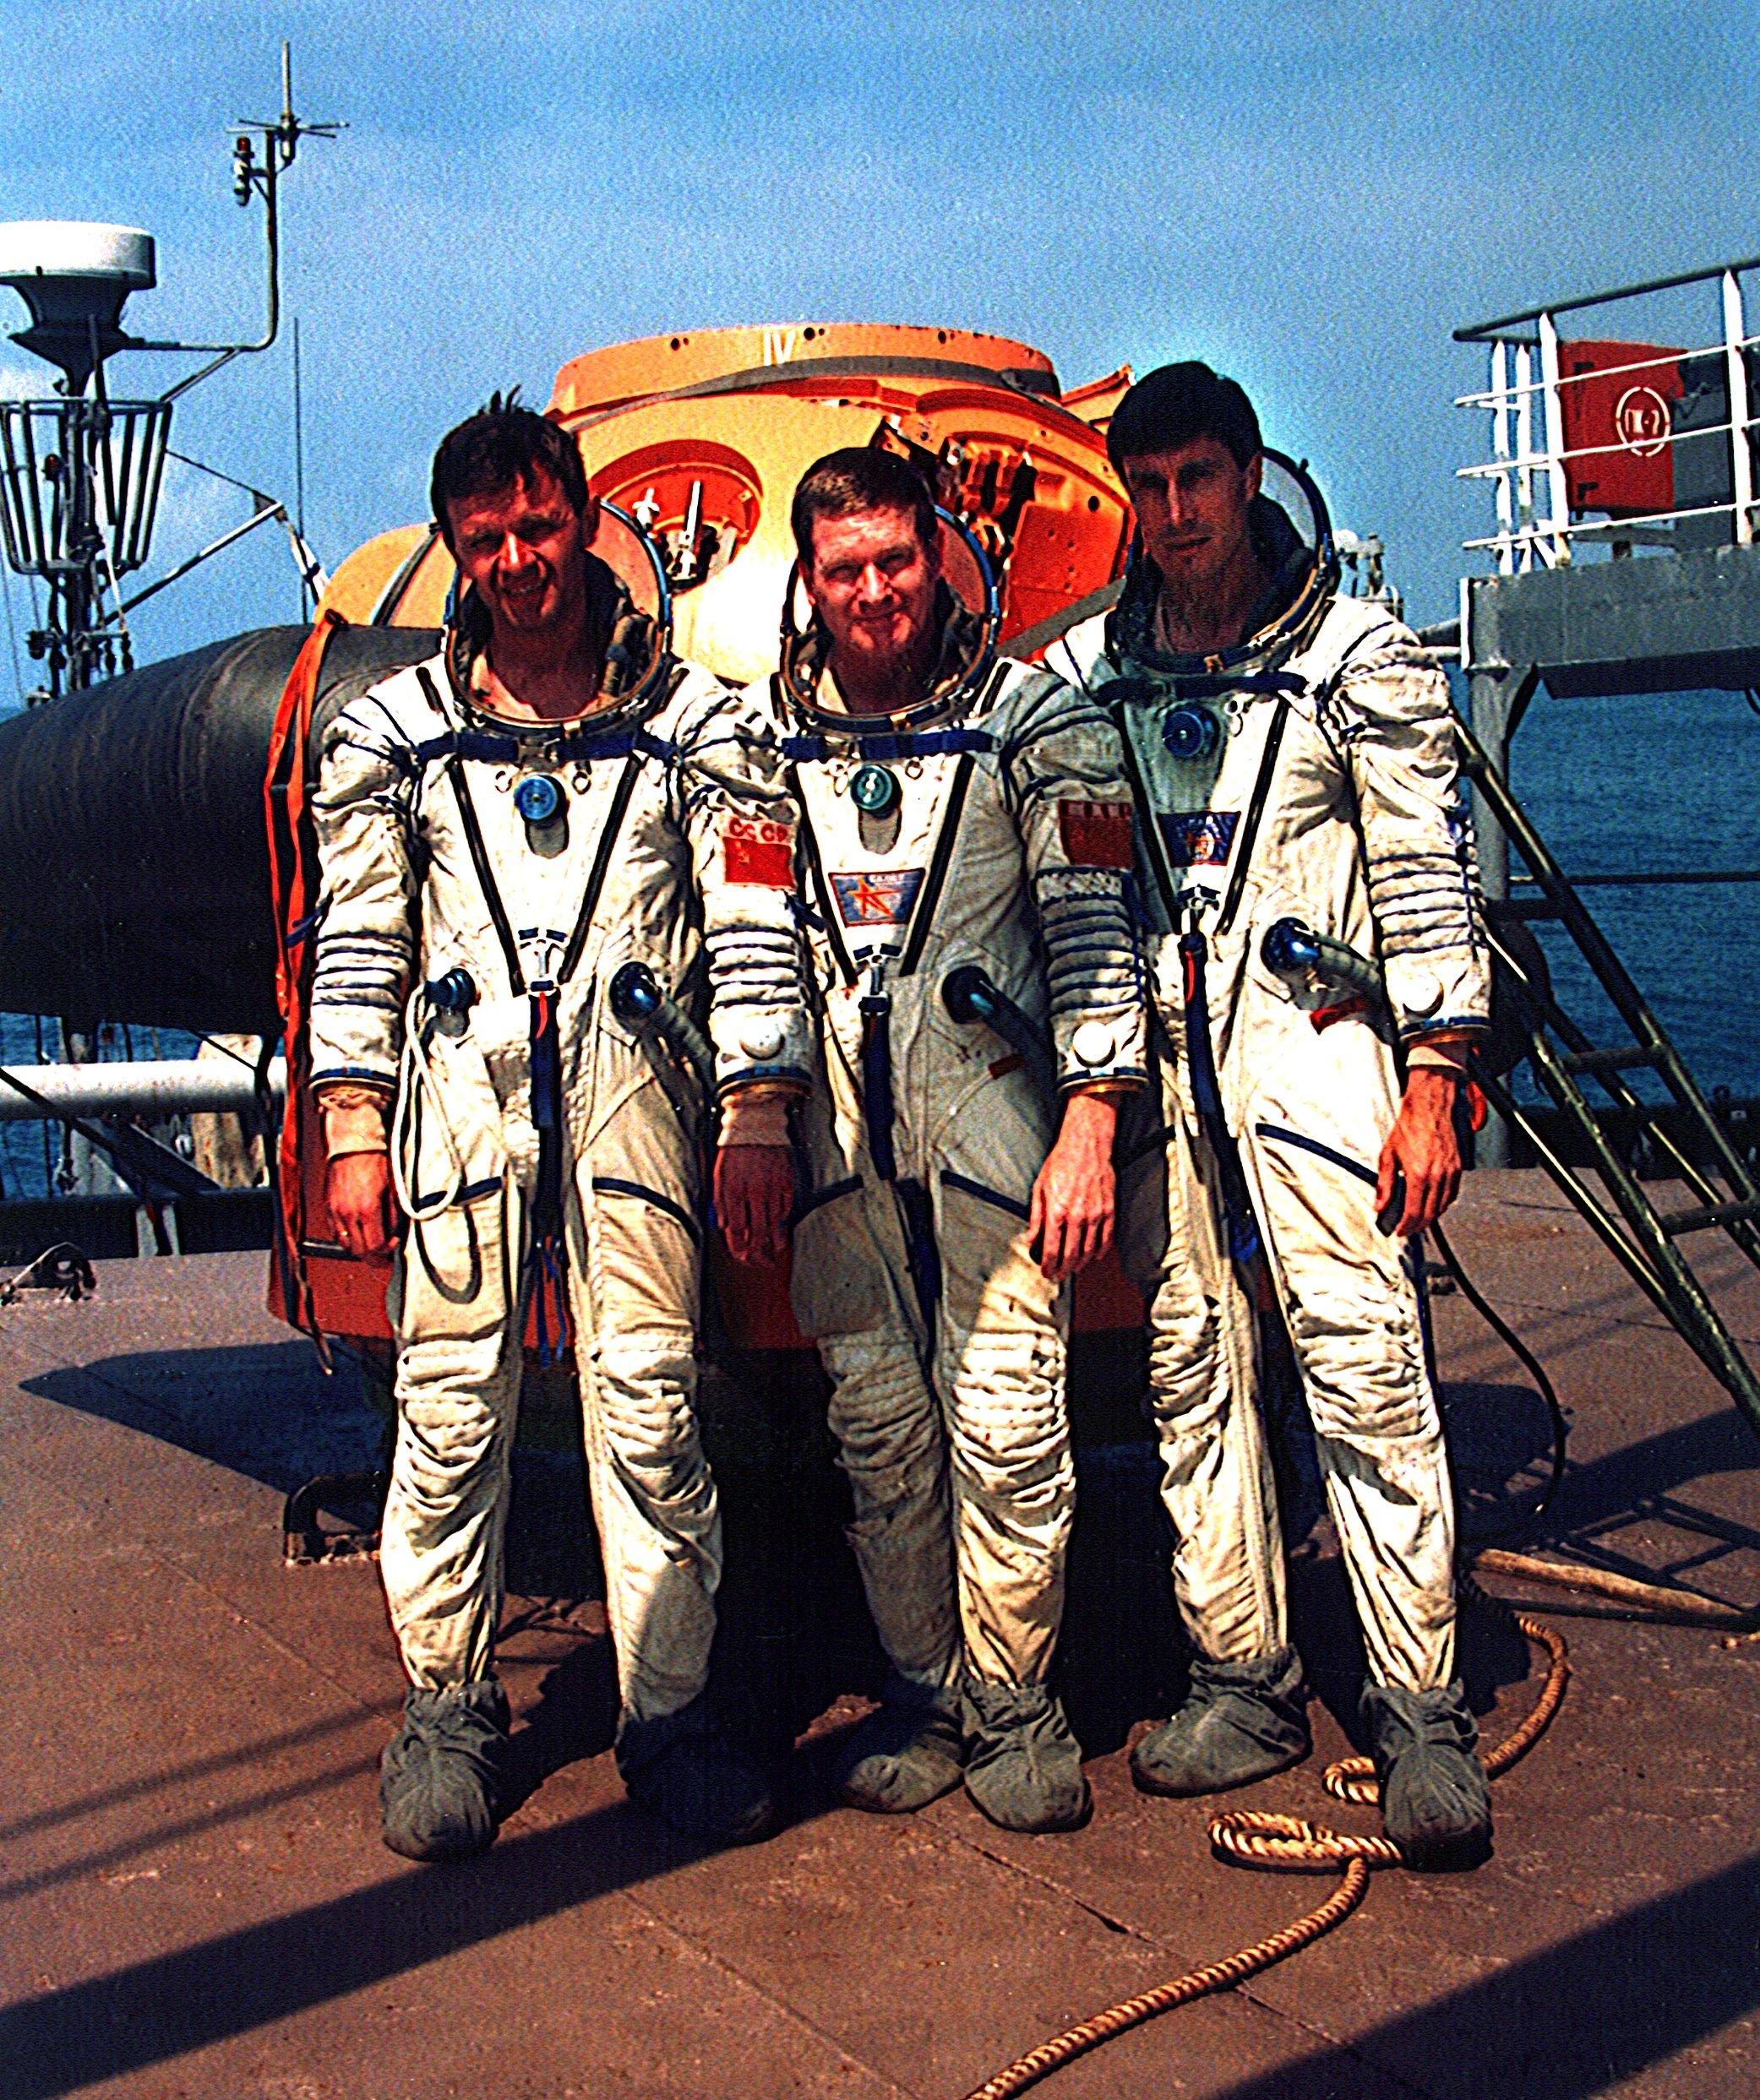 Die erste Crew der ISS am 3. Oktober 1997 bei Übungen am Schwarzen Meer:Juri Gidsenko (l.),William Shepherd (m.) undSergei Krikaljow.